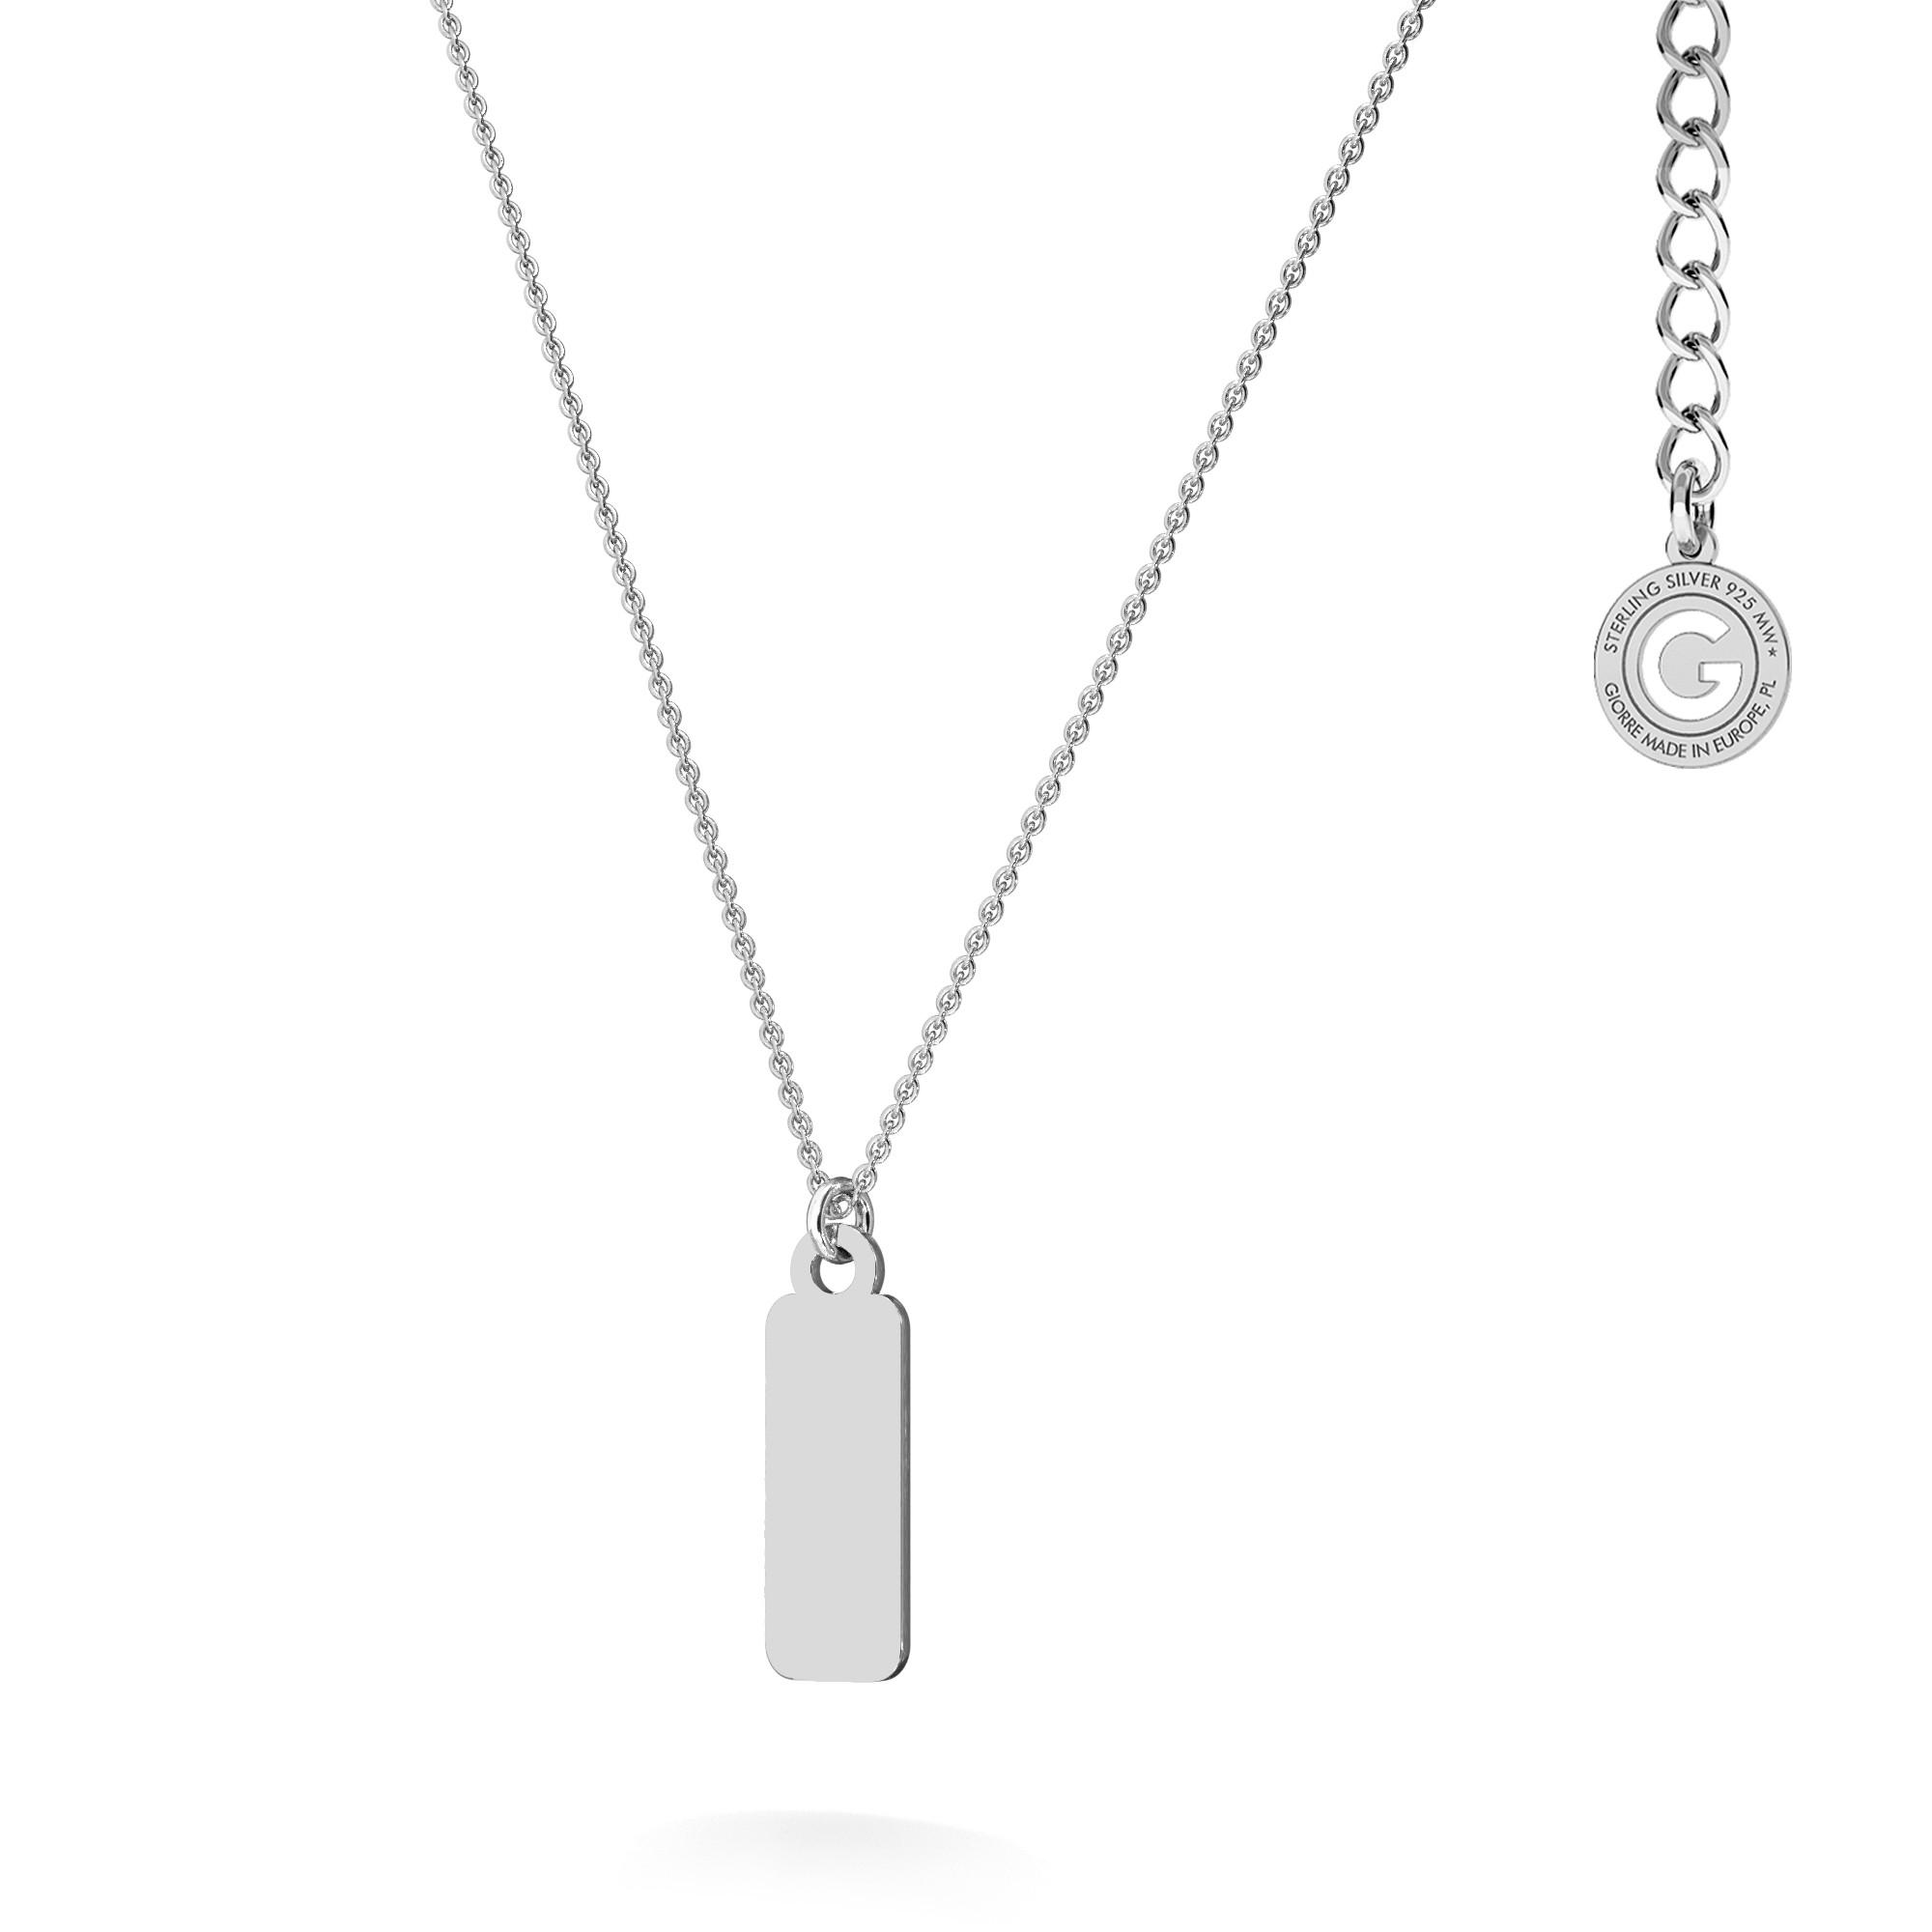 Srebrny naszyjnik blaszka z imieniem, srebro 925